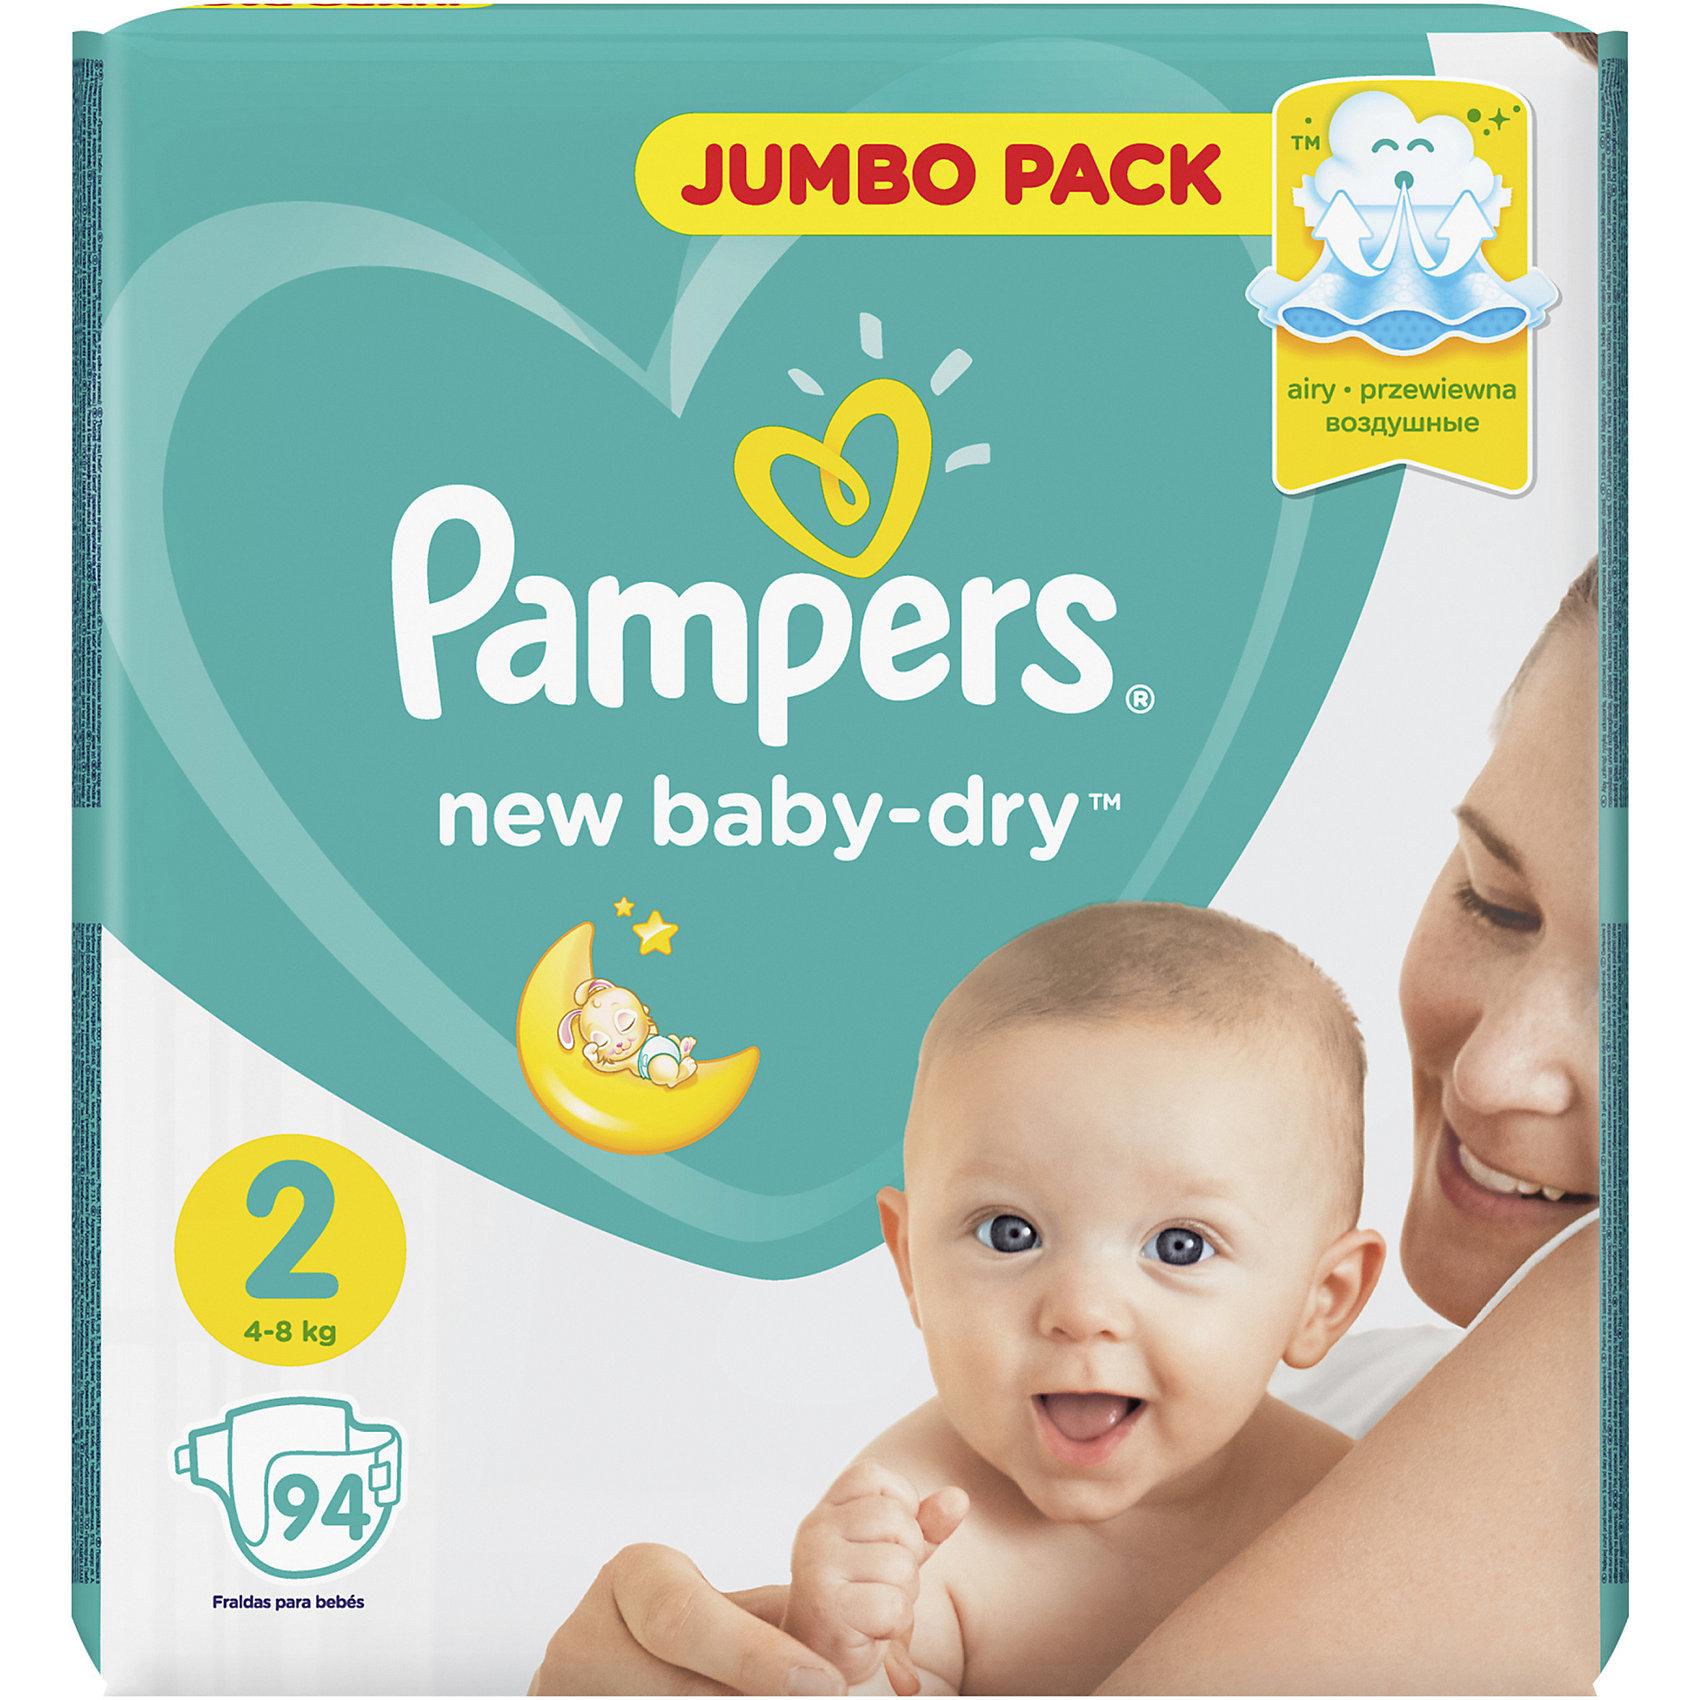 Подгузники Pampers New Baby-Dry, 3-6 кг, 2 размер, 94 шт., PampersХарактеристики:<br><br>• Пол: универсальный<br>• Тип подгузника: одноразовый<br>• Коллекция: New Baby-Dry<br>• Предназначение: для использования в любое время суток <br>• Размер: 2<br>• Вес ребенка: от 3 до 6 кг<br>• Количество в упаковке: 94 шт.<br>• Упаковка: пакет<br>• Размер упаковки: 36,8*11,4*35,8 см<br>• Вес в упаковке: 1 кг 909 г<br>• Эластичные застежки-липучки<br>• Быстро впитывающий слой<br>• Мягкий верхний слой<br>• Сохранение сухости в течение 12-ти часов<br><br>Подгузники Pampers New Baby-Dry, 3-6 кг, 2 размер, 94 шт., Pampers – это линейка классических детских подгузников от Pampers, которая сочетает в себе качество и безопасность материалов, удобство использования и комфорт для нежной кожи малыша. Подгузники предназначены для новорожденных и младенцев весом до 6 кг. Инновационные технологии и современные материалы обеспечивают этим подгузникам Дышащие свойства, что особенно важно для кожи малыша. <br><br>Впитывающие свойства изделию обеспечивает уникальный слой, состоящий из жемчужных микрогранул. У подгузников предусмотрена эластичная мягкая резиночка на спинке. Широкие липучки с двух сторон обеспечивают надежную фиксацию. Подгузник имеет мягкий верхний слой, который обеспечивает не только комфорт, но и защищает кожу ребенка от раздражений. Подгузник подходит как для мальчиков, так и для девочек. <br><br>Подгузники Pampers New Baby-Dry, 3-6 кг, 2 размер, 94 шт., Pampers можно купить в нашем интернет-магазине.<br><br>Ширина мм: 368<br>Глубина мм: 114<br>Высота мм: 358<br>Вес г: 1909<br>Возраст от месяцев: 3<br>Возраст до месяцев: 8<br>Пол: Унисекс<br>Возраст: Детский<br>SKU: 5419077